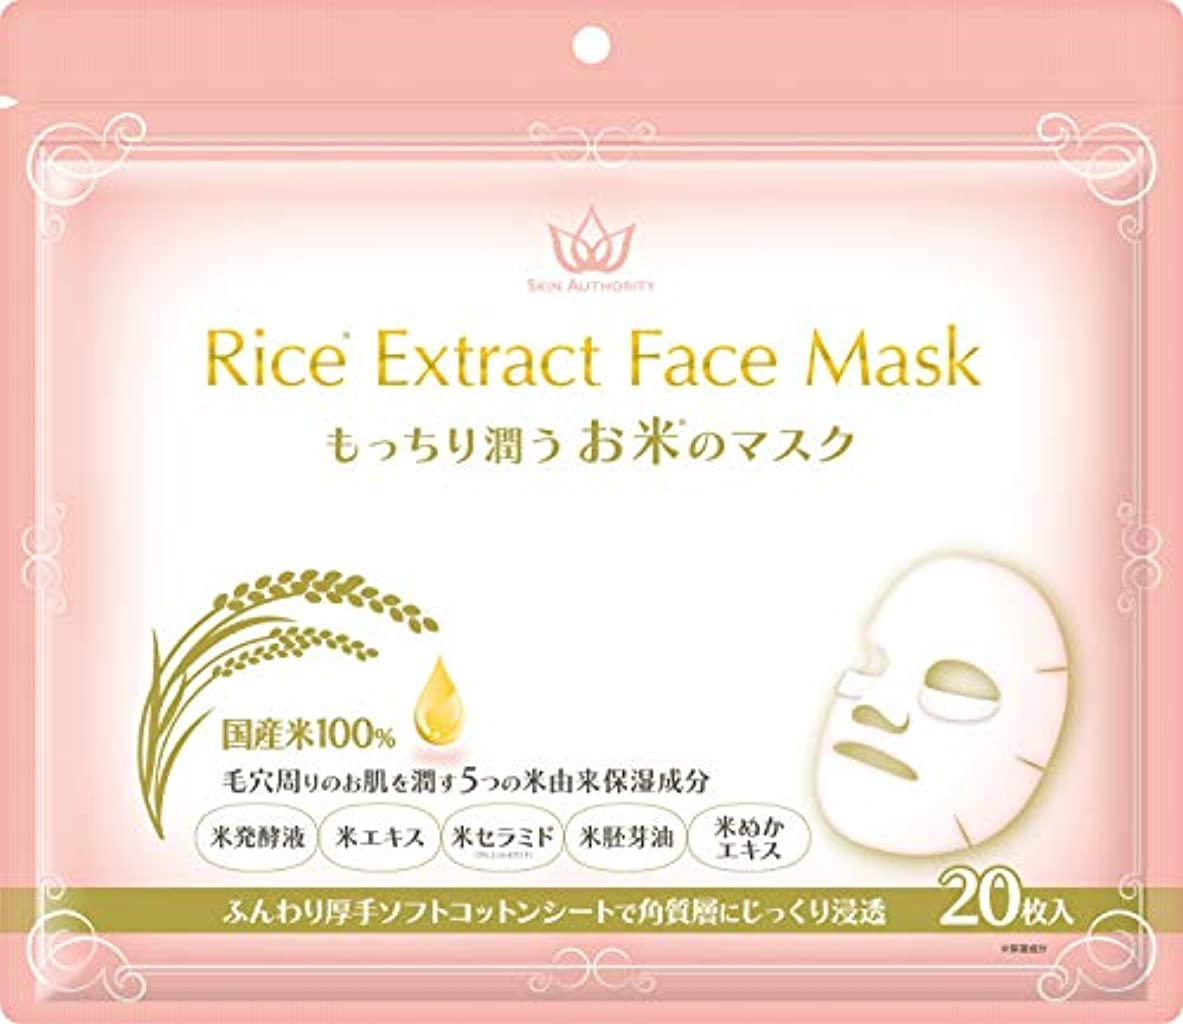 クローゼット管理ヘッジ[Amazon限定ブランド] SKIN AUTHORITY もっちり潤うお米のマスク 20枚入 (300ml)